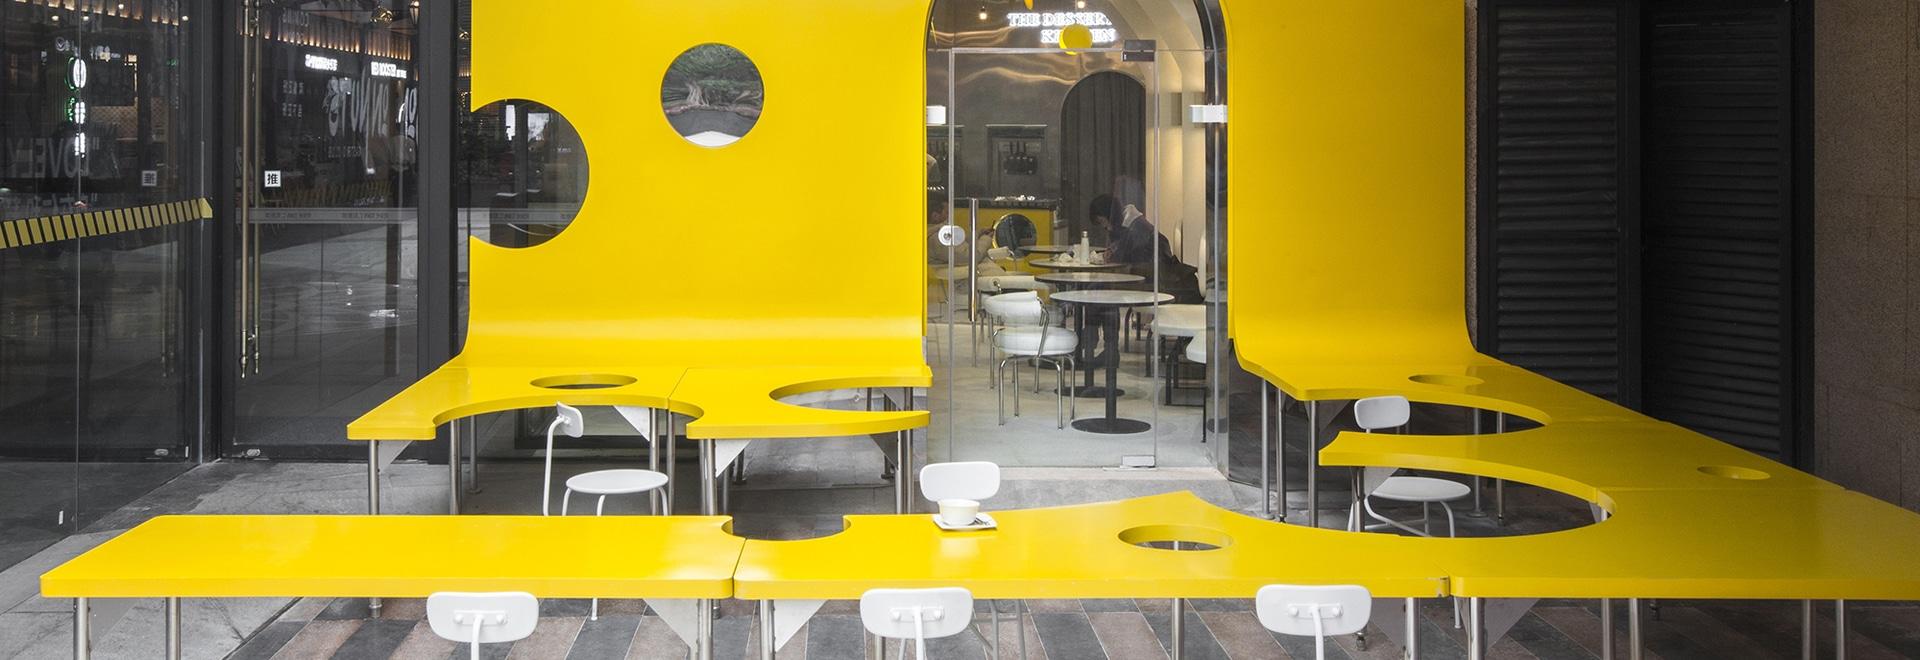 Una rebanada de queso hace una entrada llamativa a este nuevo café postre